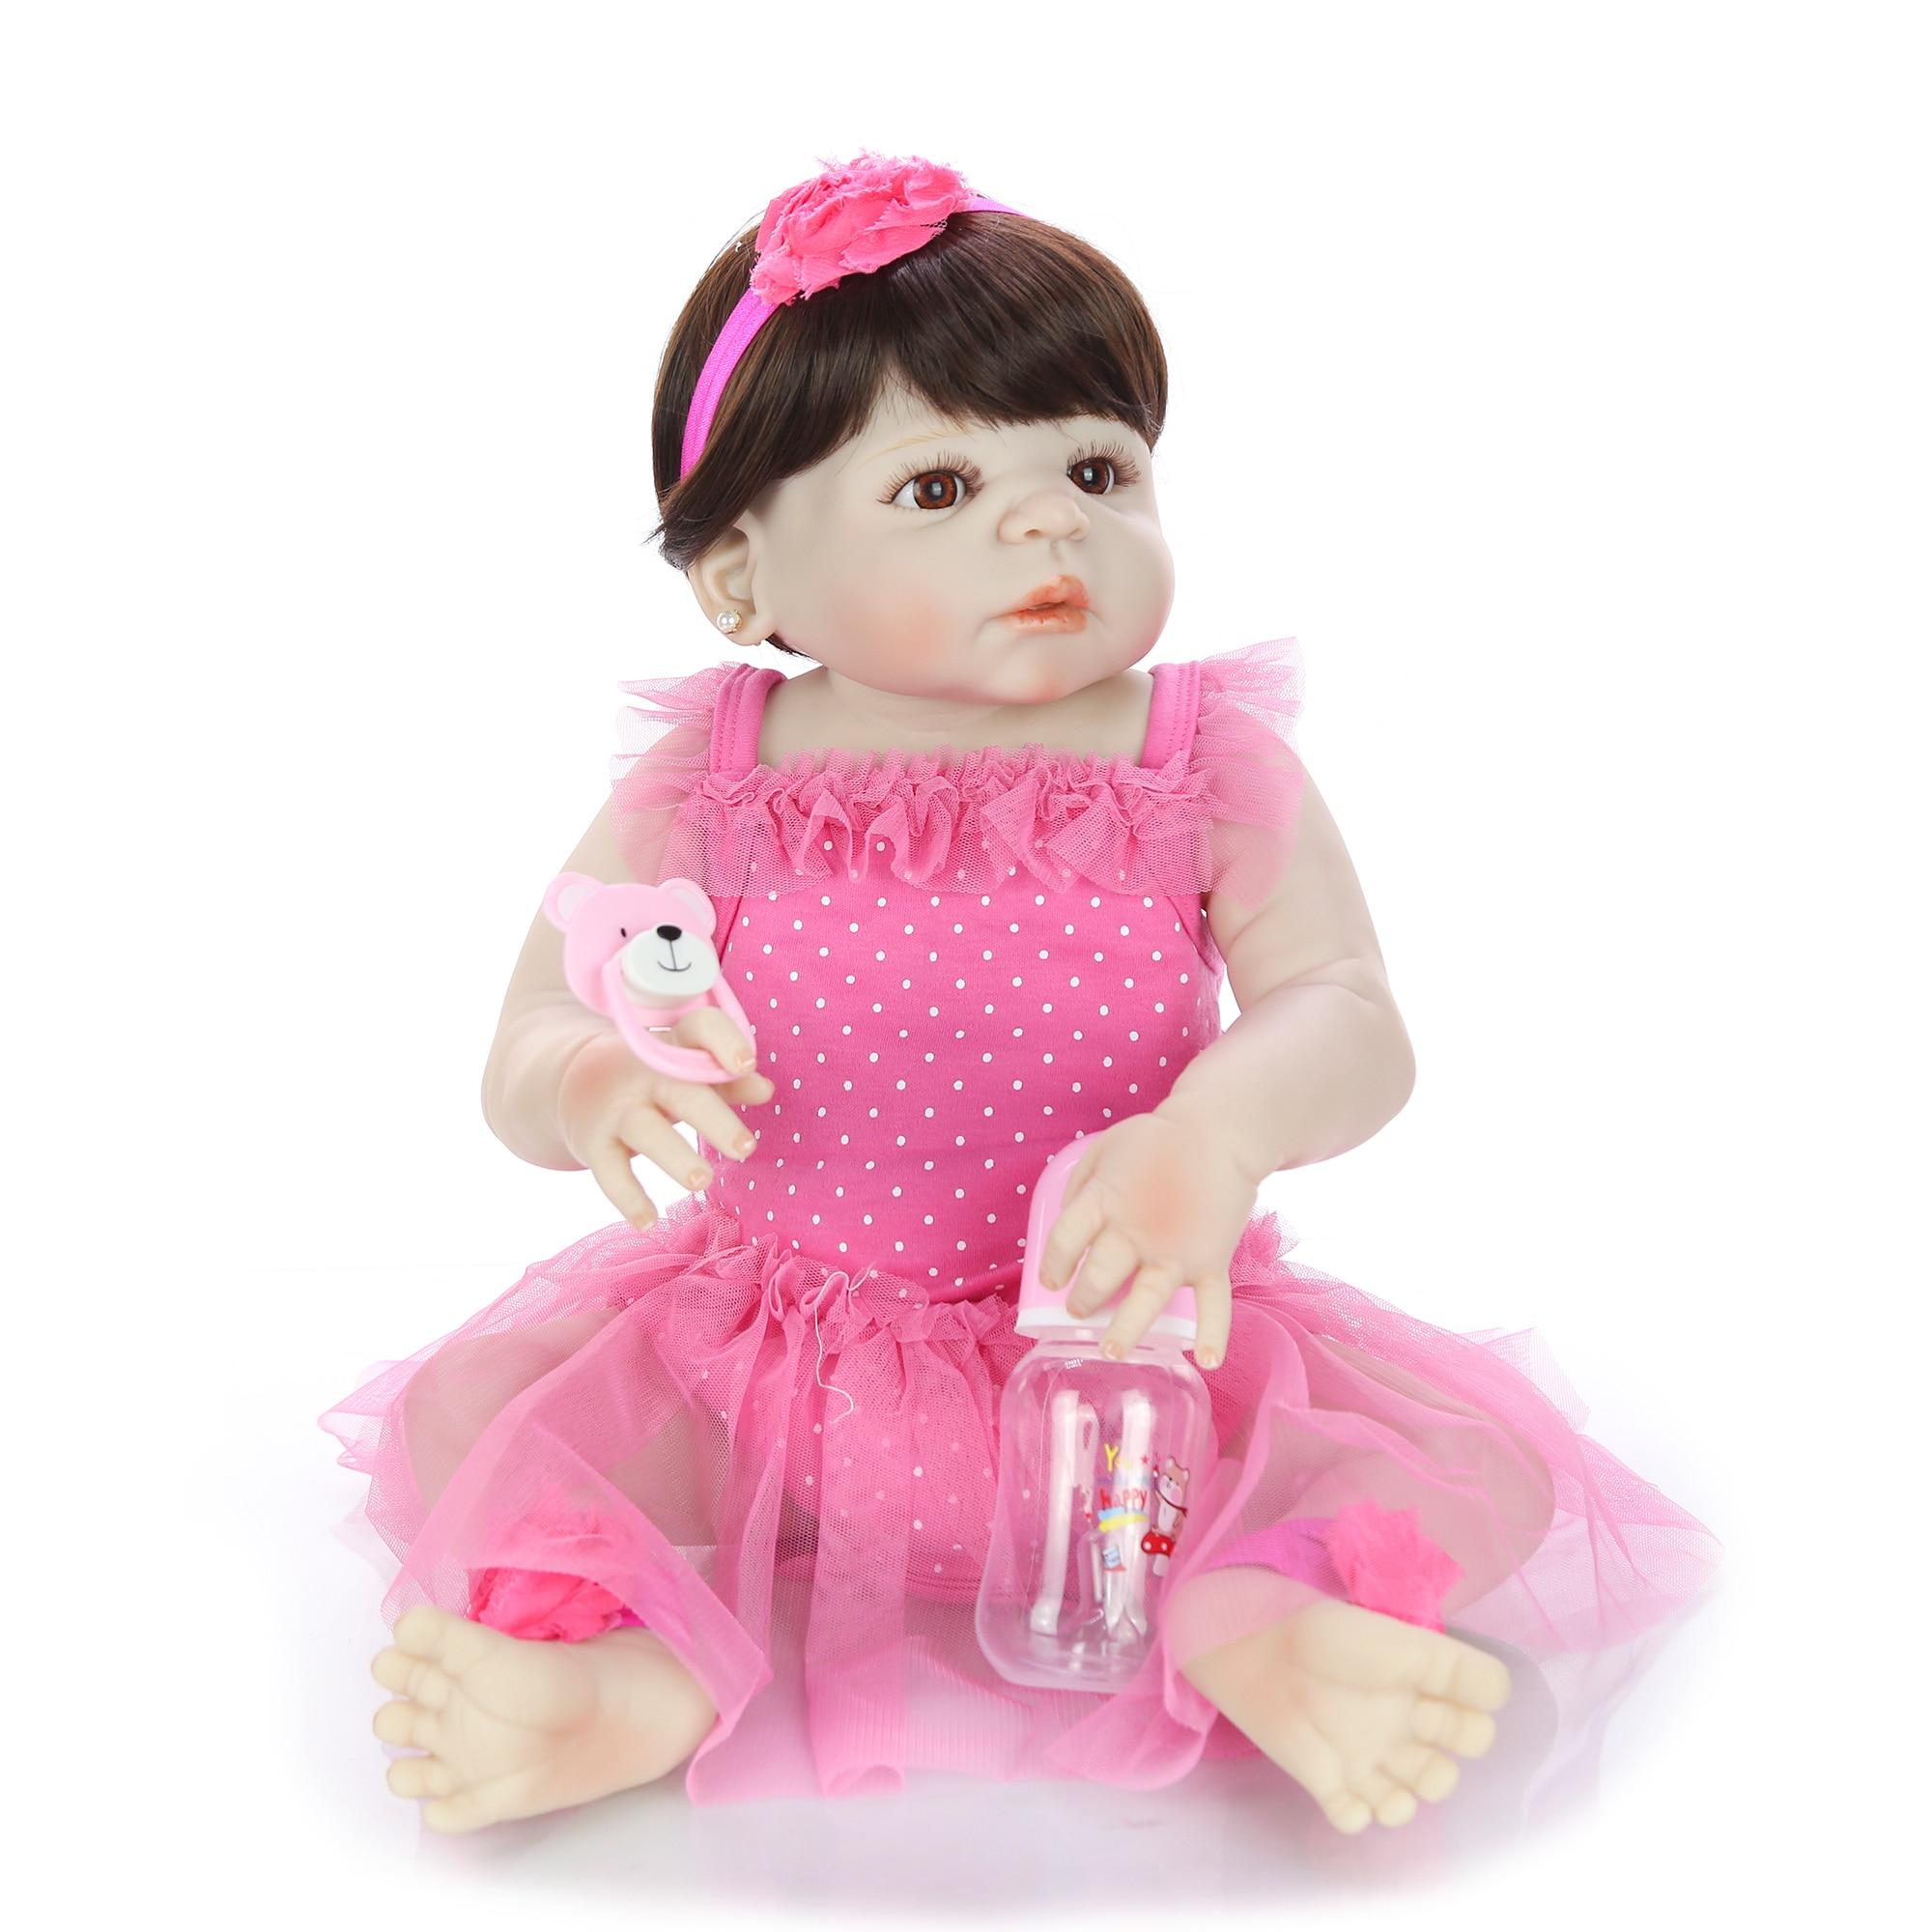 23 ''57 cm Silikon Volle Körper Baby Puppe Spielzeug Für Mädchen Lebensechte Babys Reborn Puppe Echte Prinzessin Tragen Rosa kleid Für Kinder Geschenk-in Puppen aus Spielzeug und Hobbys bei  Gruppe 3